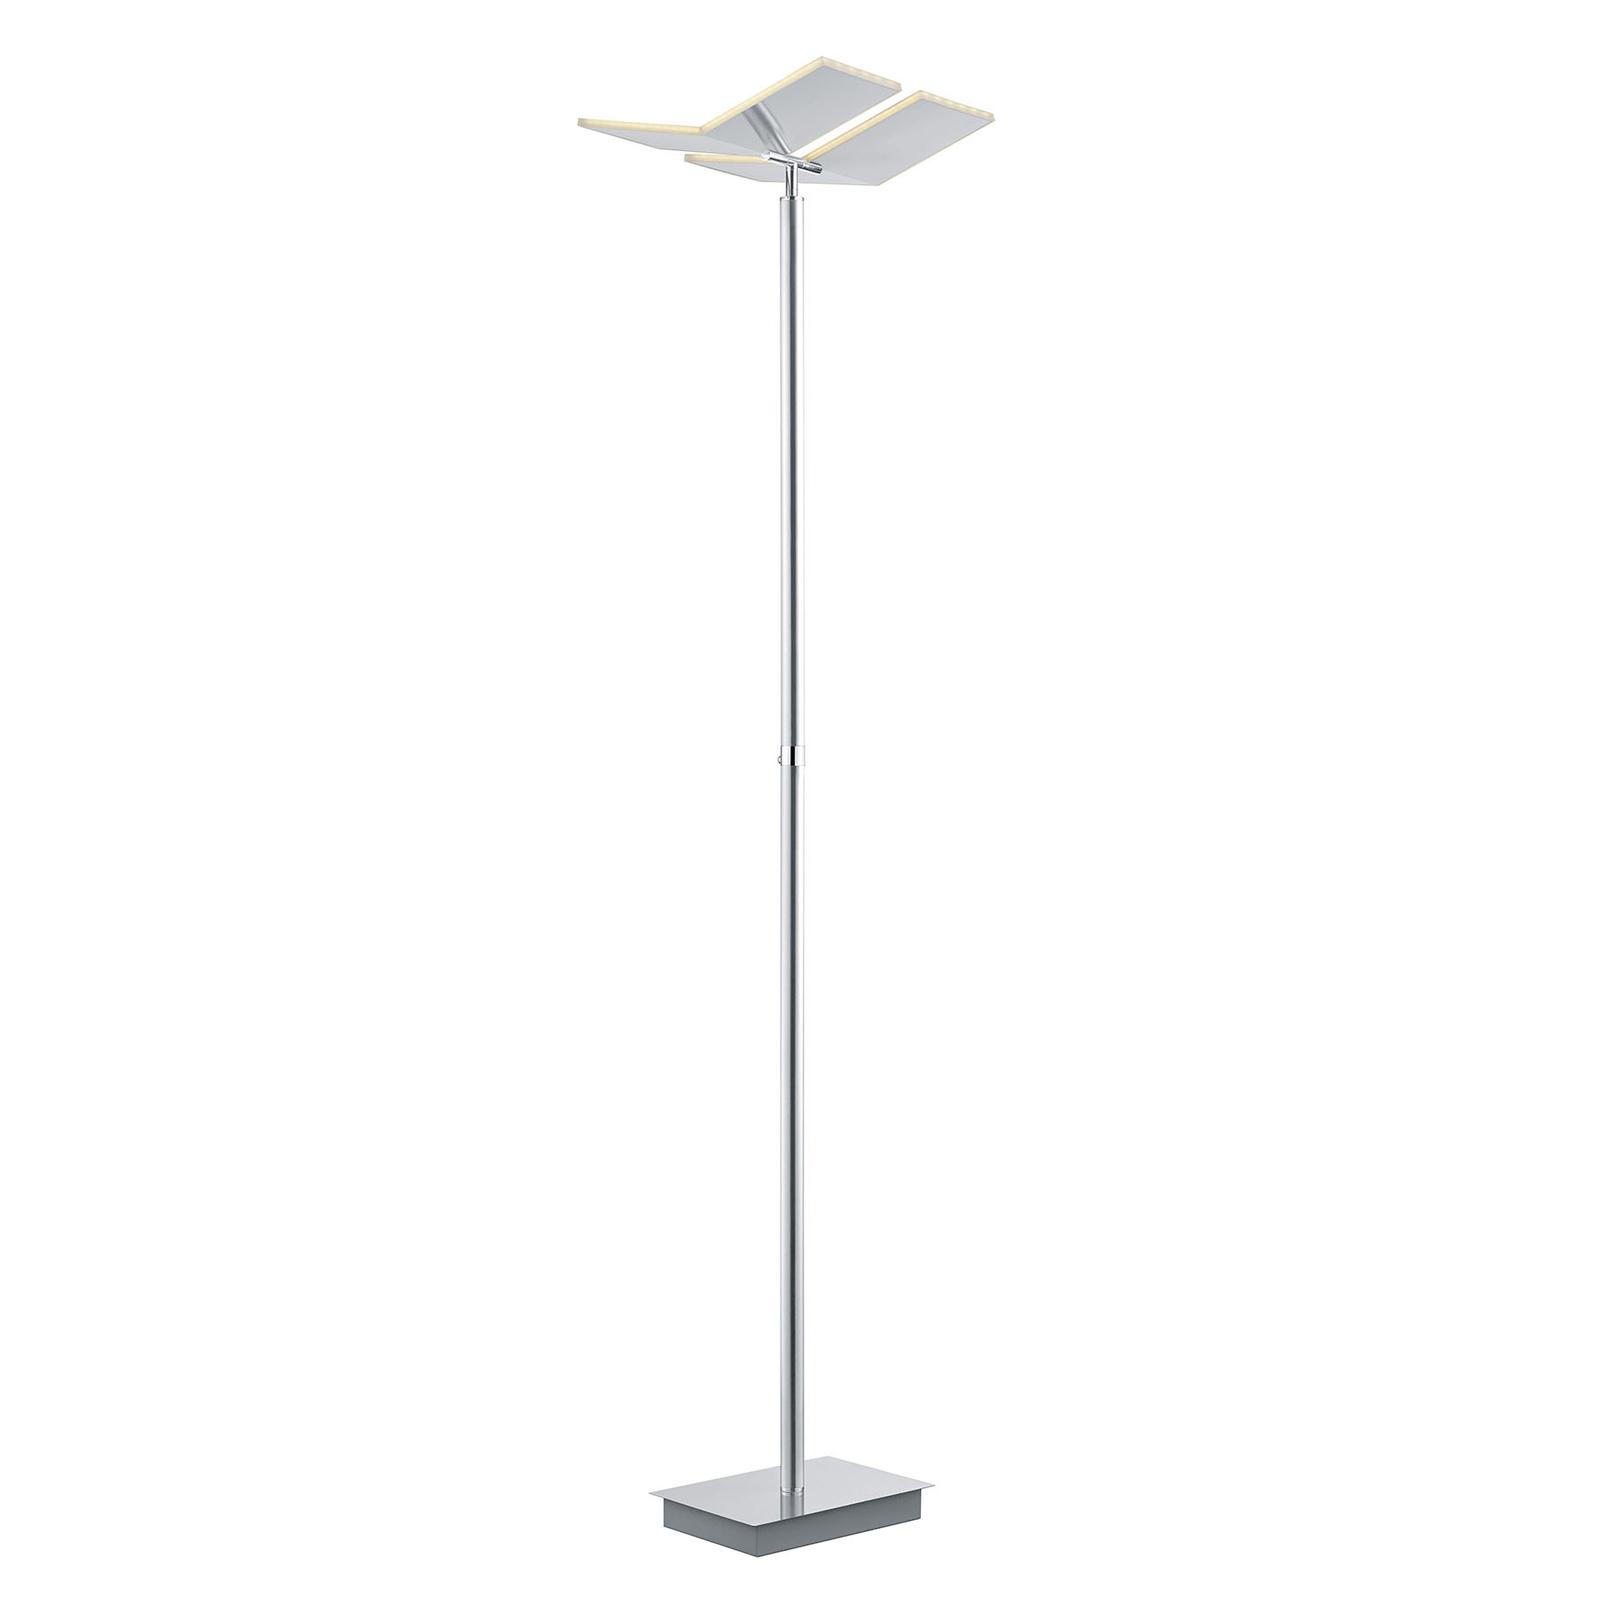 B-Leuchten Domi LED vloerlamp, nikkel